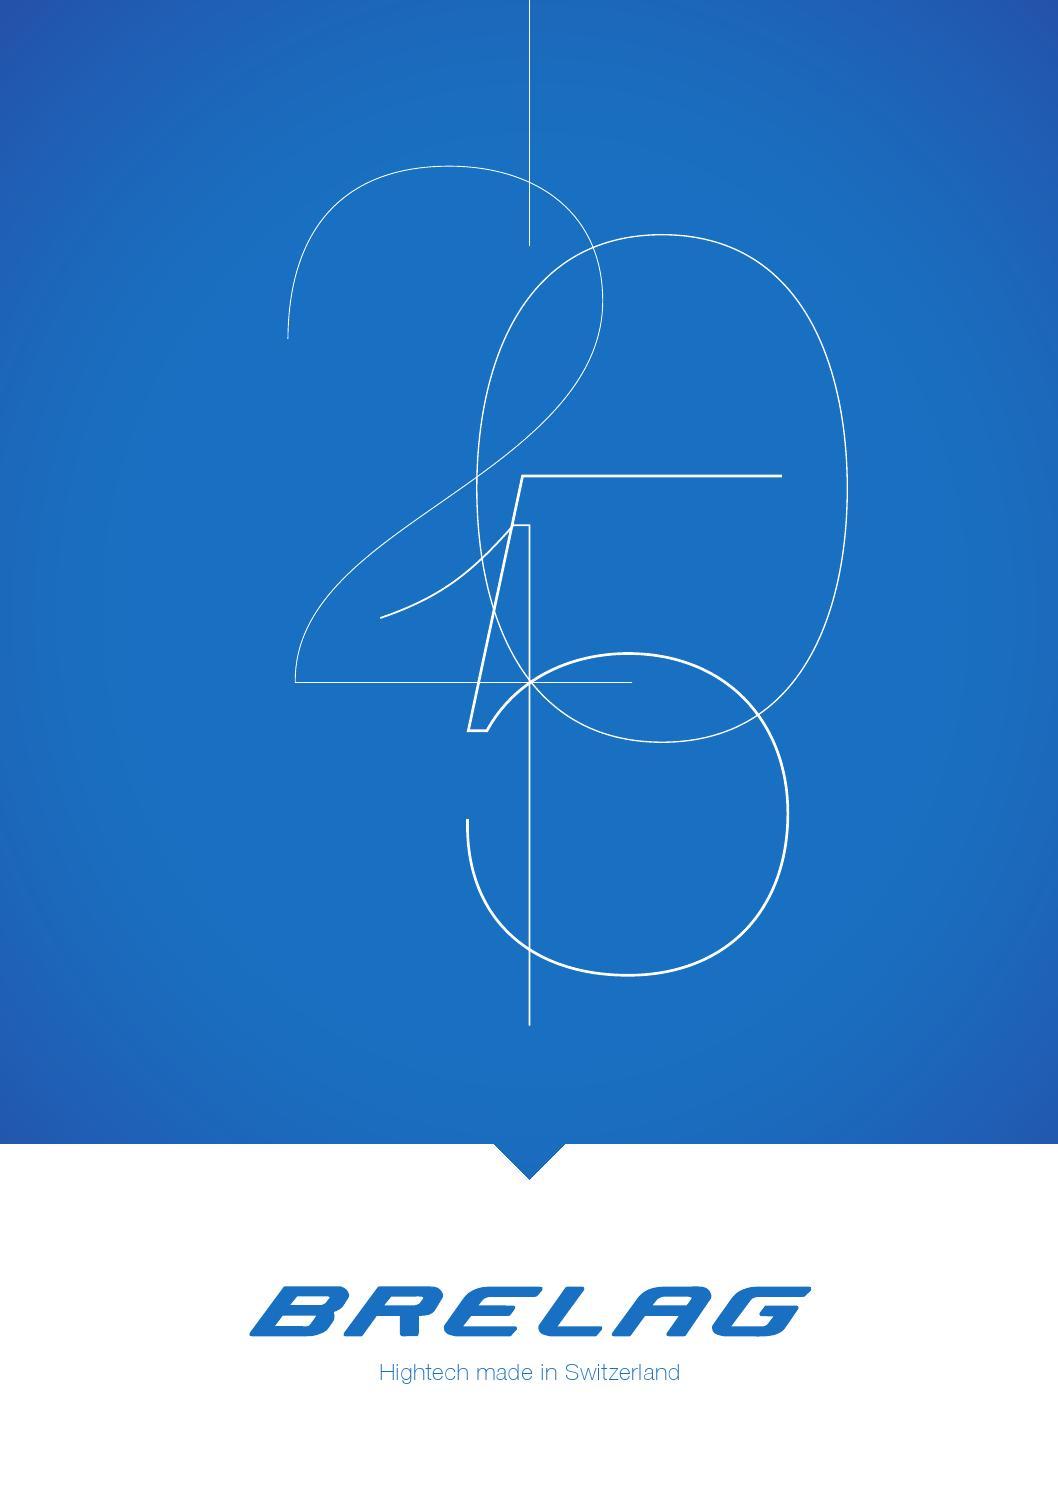 Brelag Gesamtkatalog 2015 by Brelag Systems GmbH - issuu